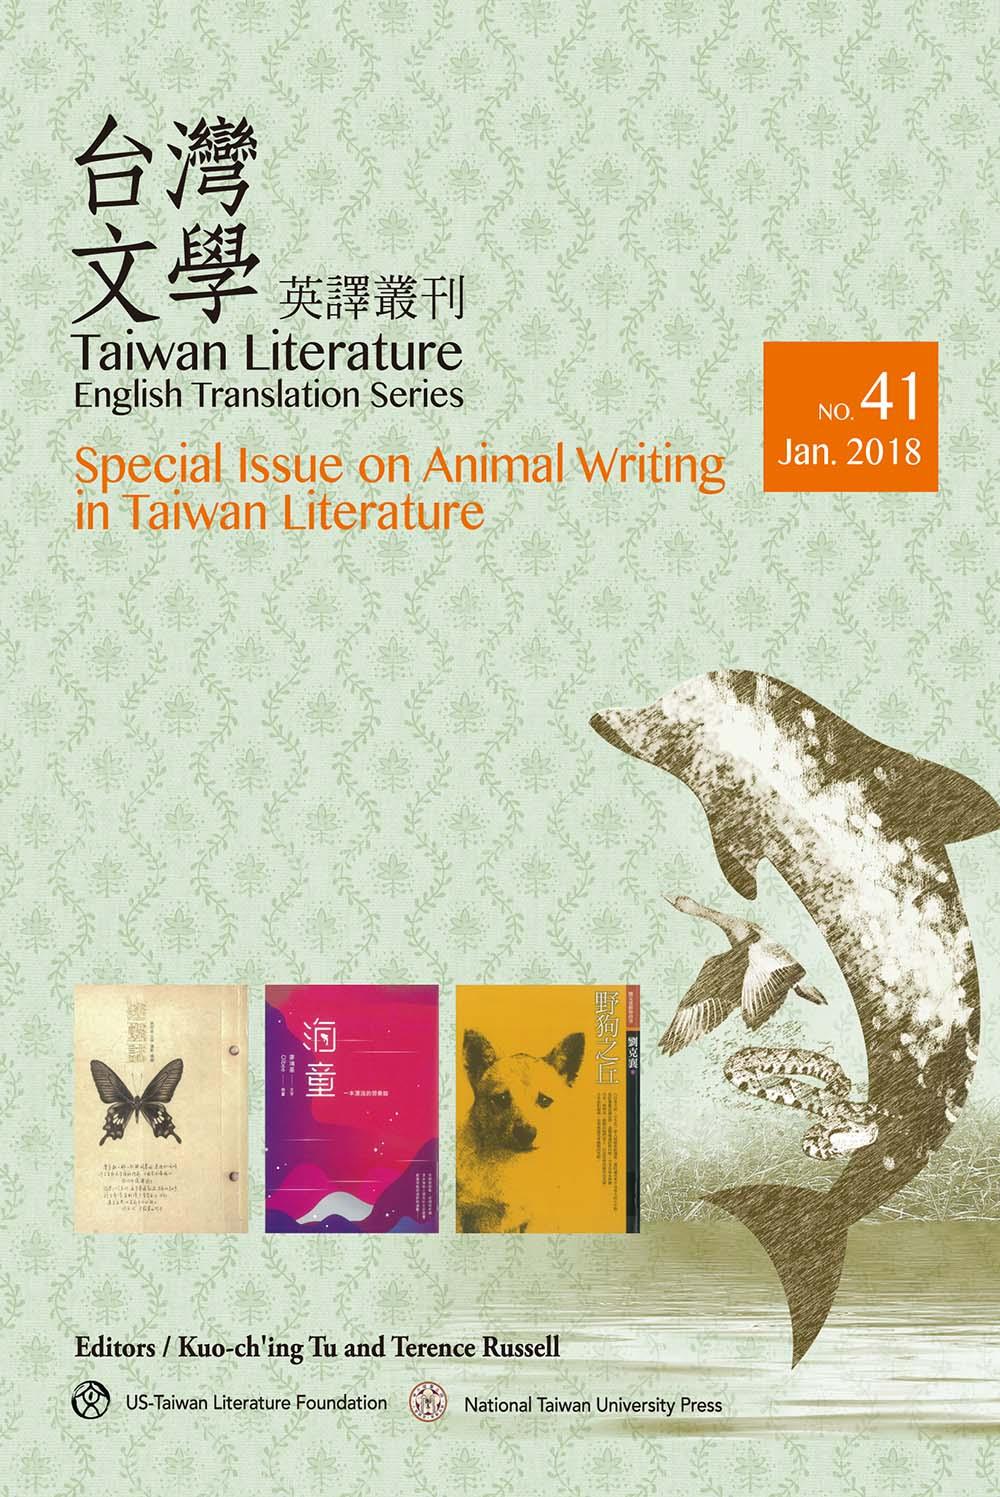 台灣文學英譯叢刊(No. 41): 台灣文學的動物書寫專輯